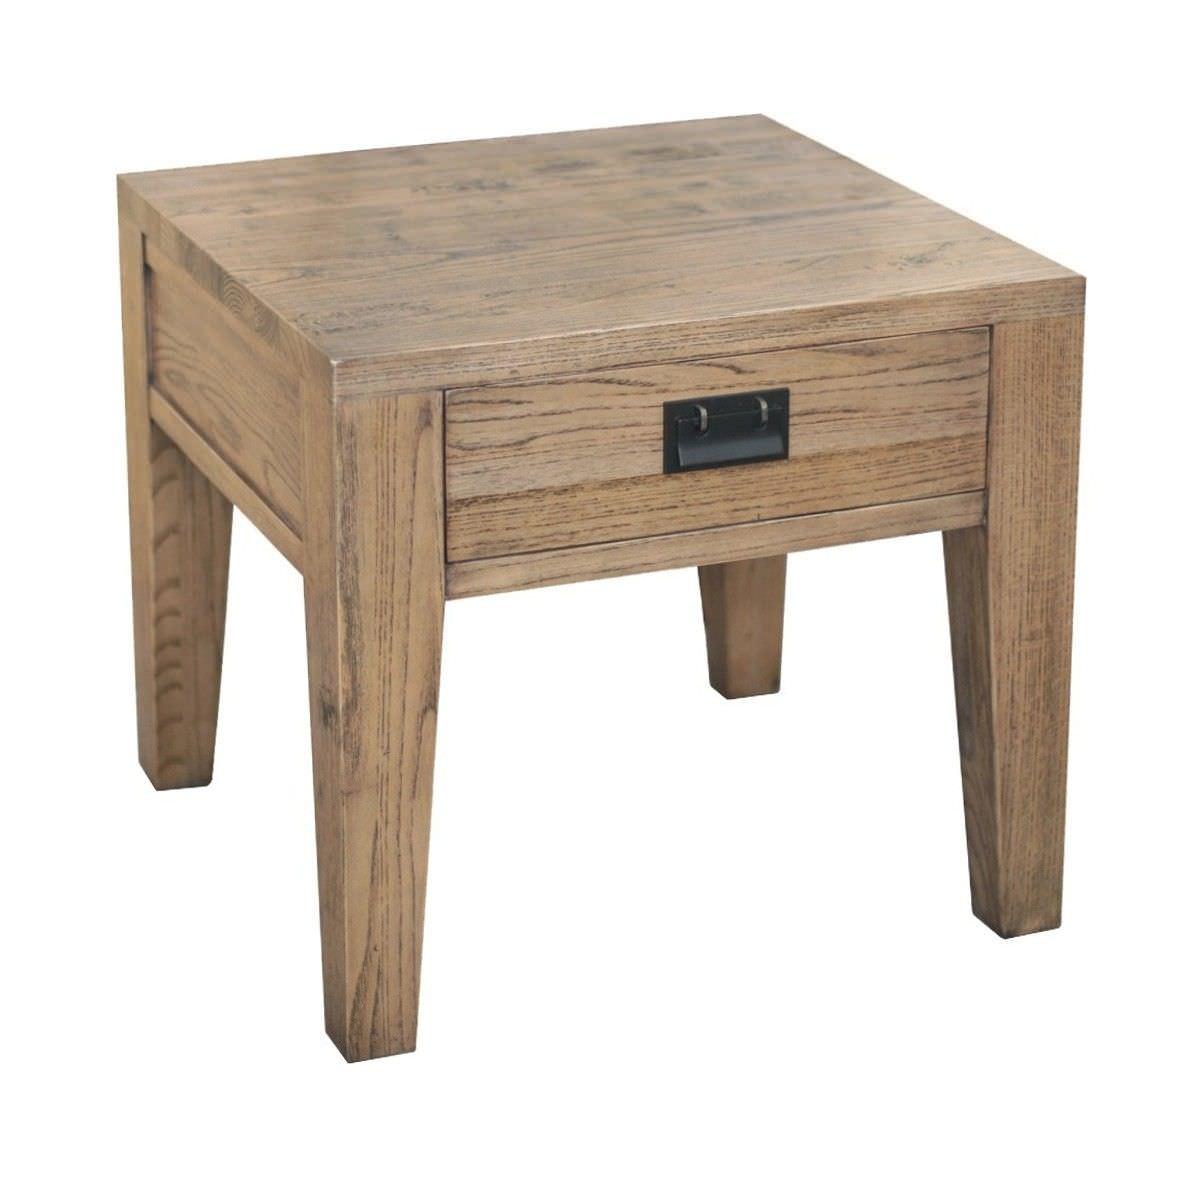 Sherwood Solid Oak Timber Side Table, Natural Oak